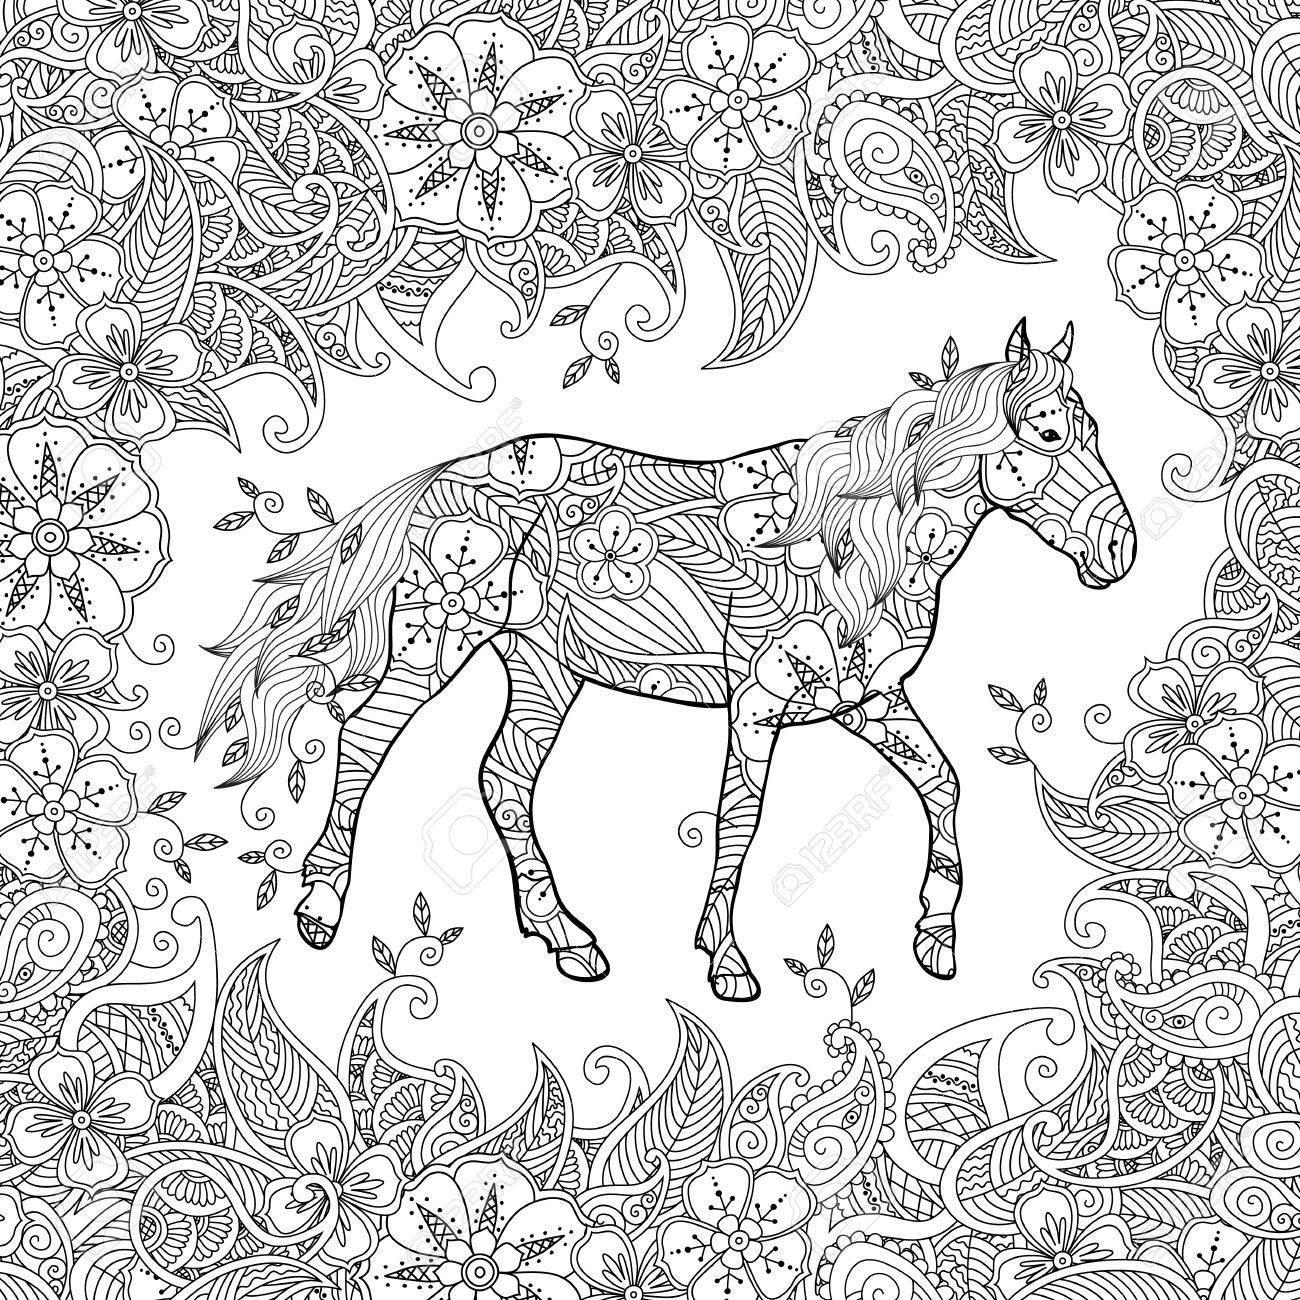 Coloriage Adulte Cheval.Coloriage Dans Un Style Inspire Faire Du Cheval Sur La Prairie